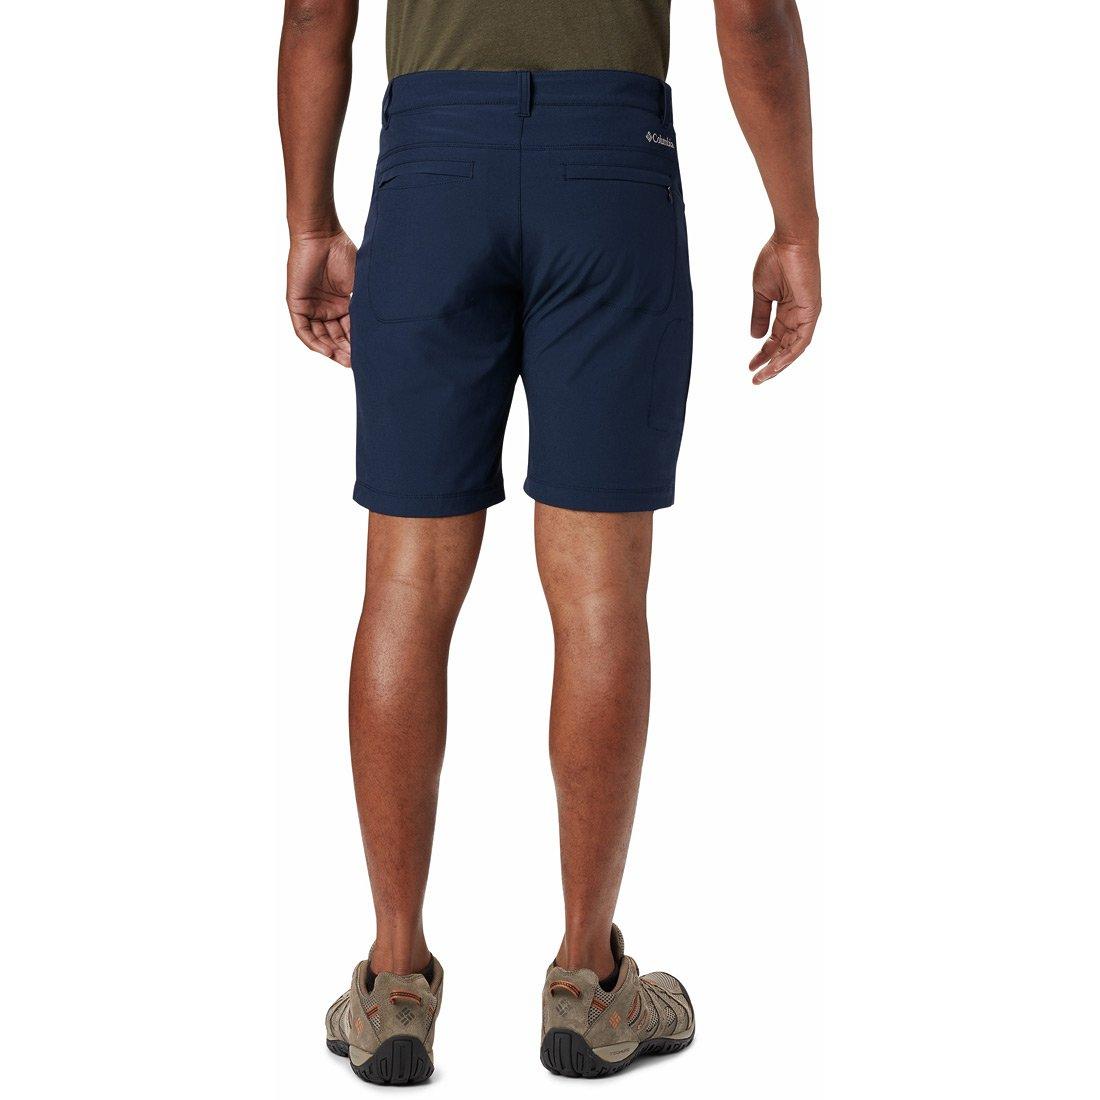 מכנסי טיולים קצרים לגברים - Outdoor Elements 5 Pkt - Columbia